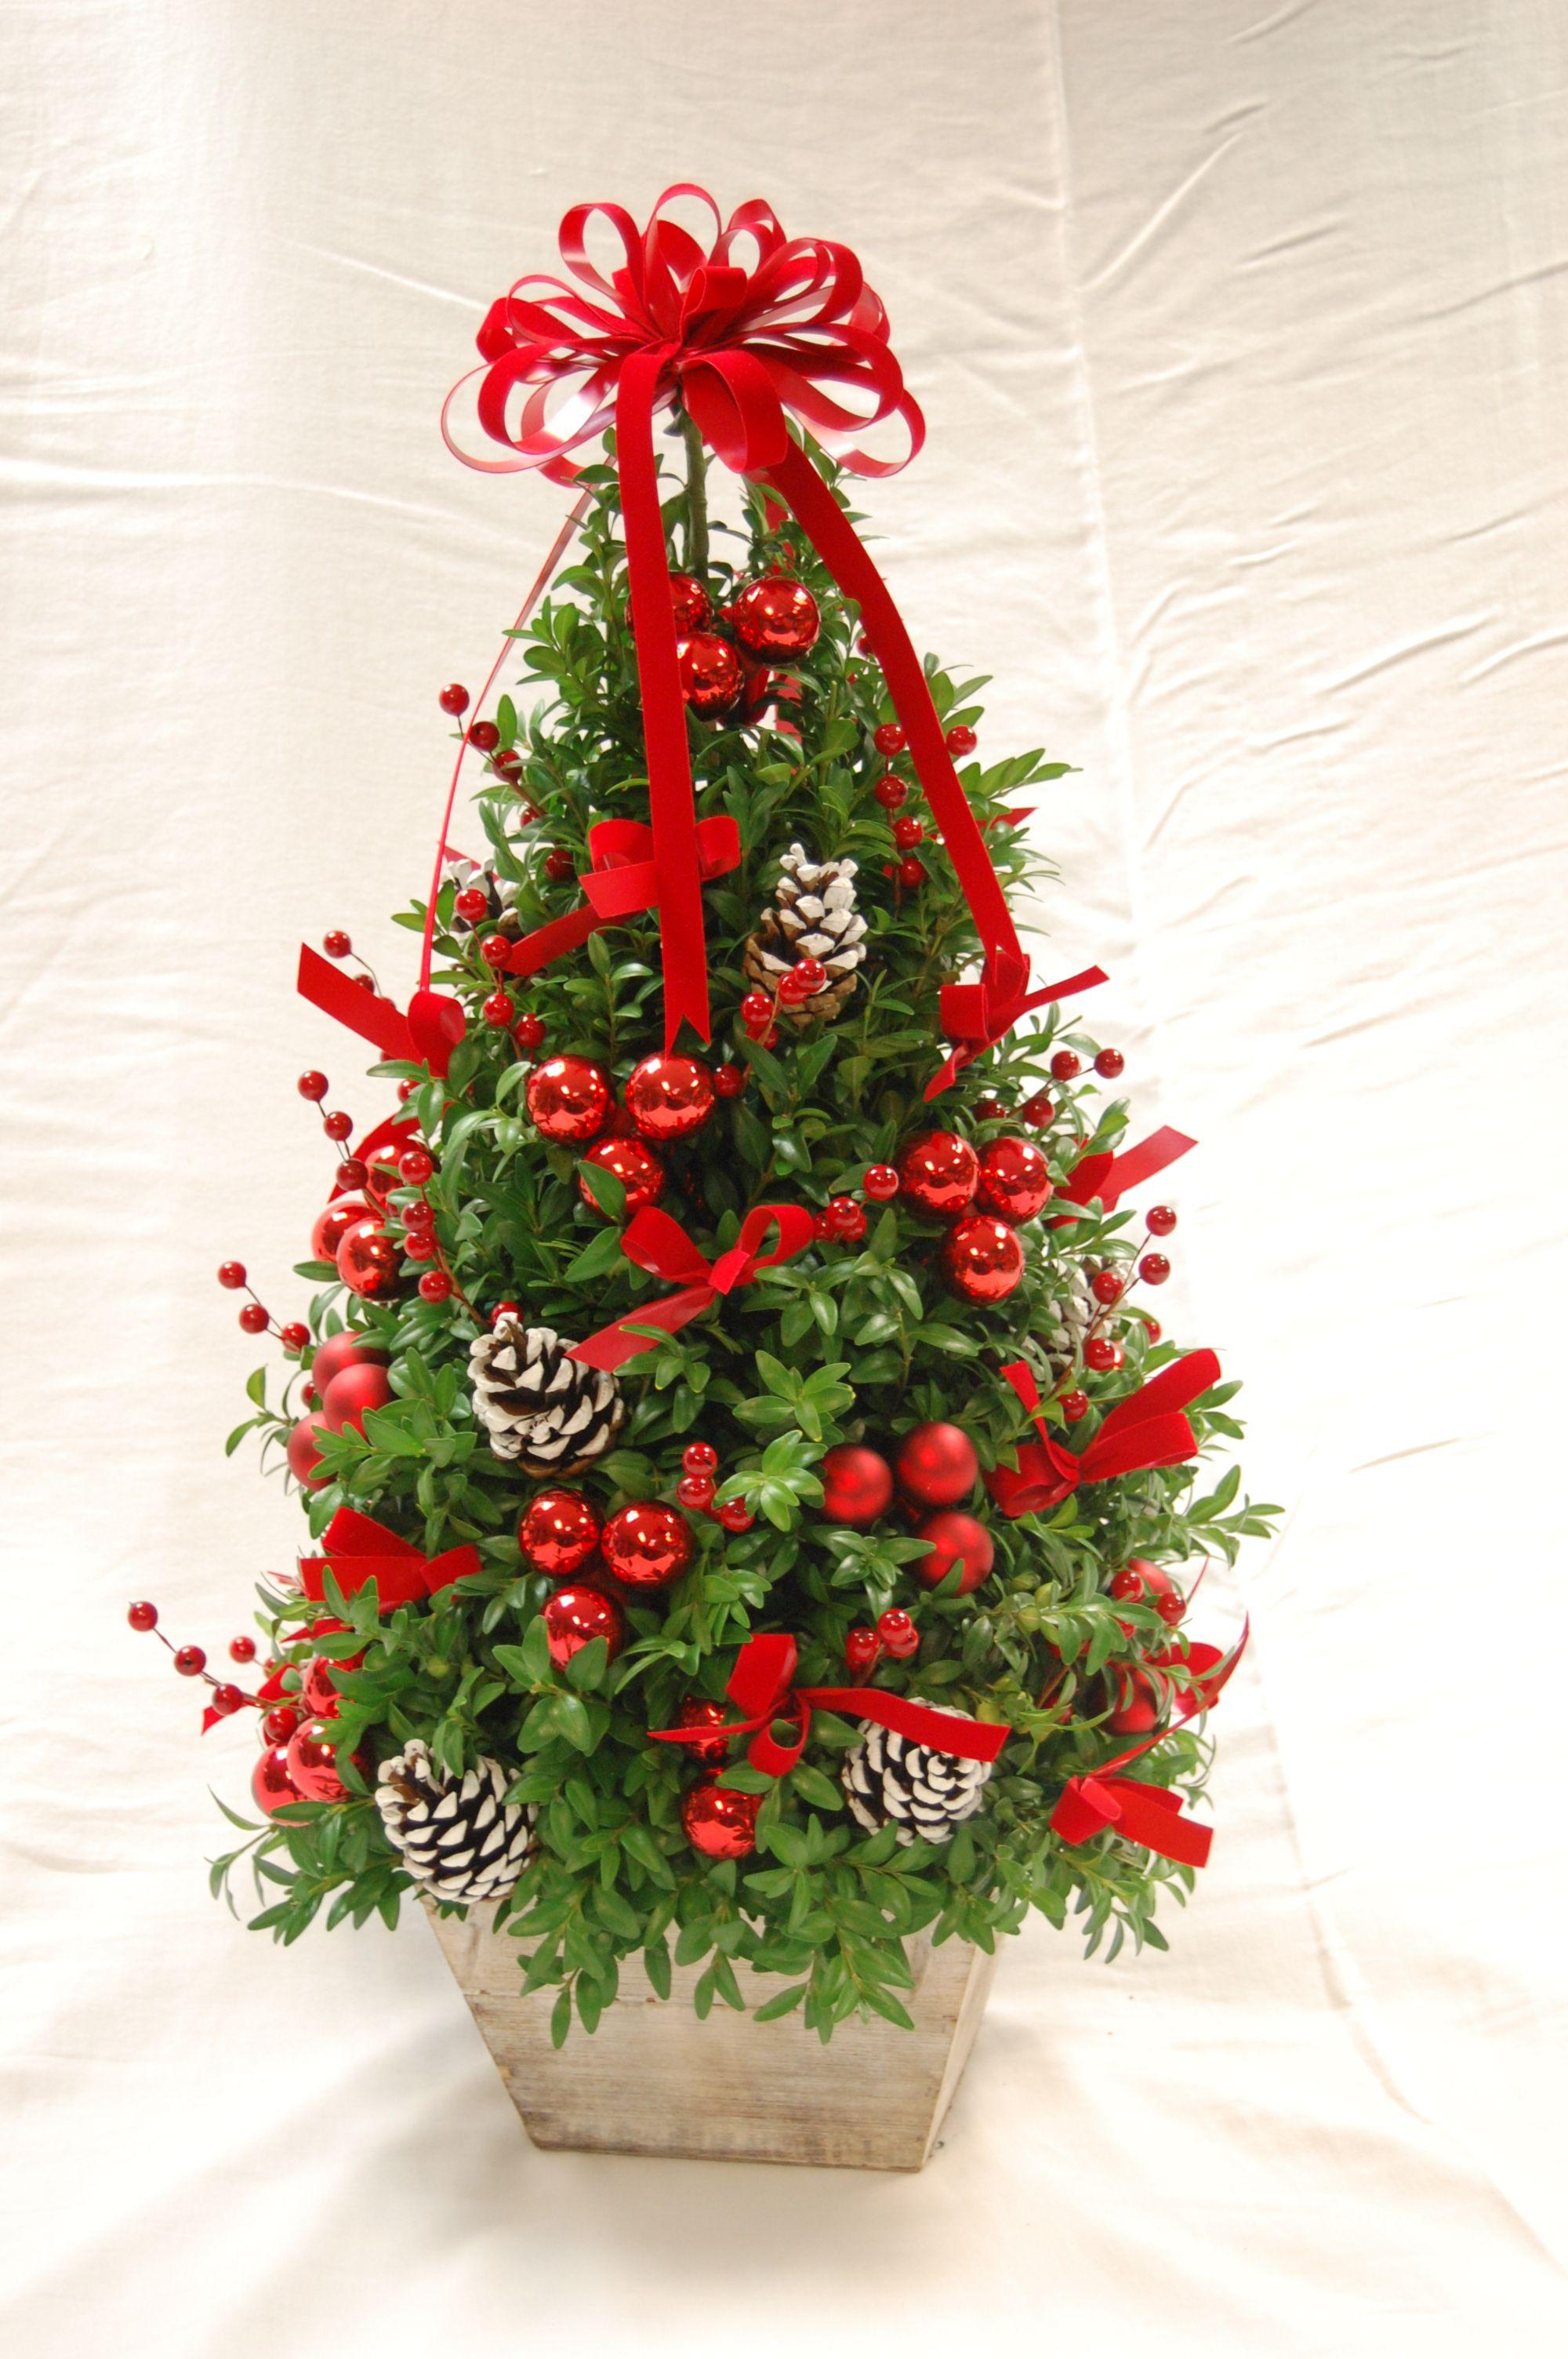 A Boxwood Christmas Tree | Christmas | Pinterest | Christmas tree ...